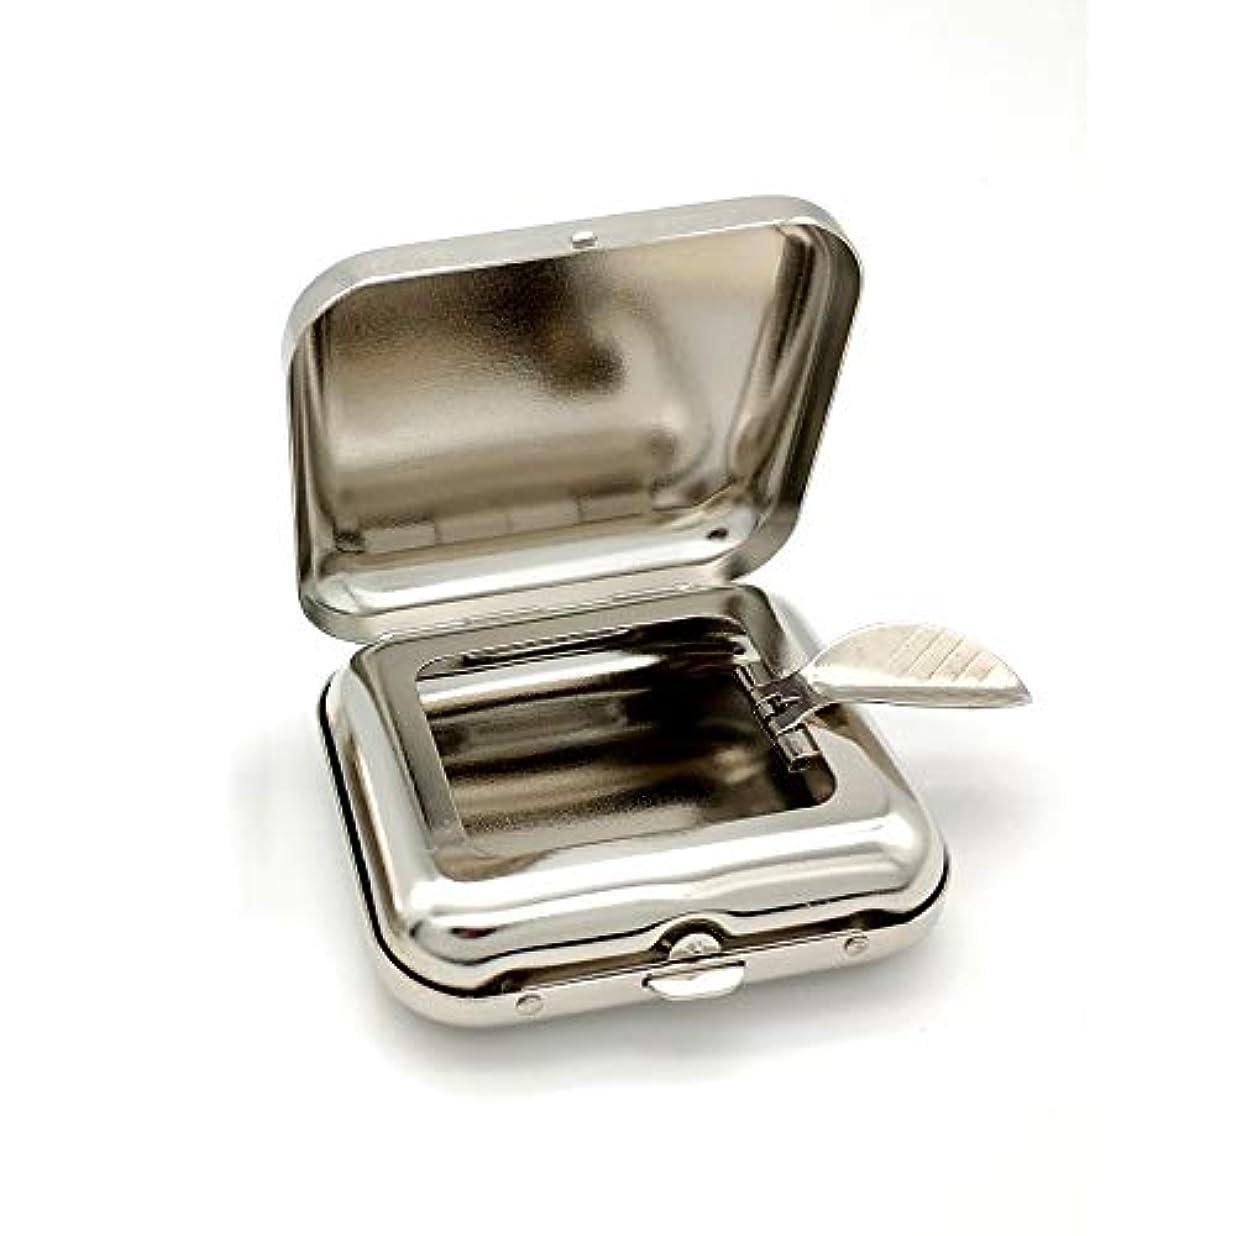 実現可能性キリスト教合法自動ポップアップ灰皿の金属の携帯用灰皿が付いている小型正方形の灰皿の緑のポケット